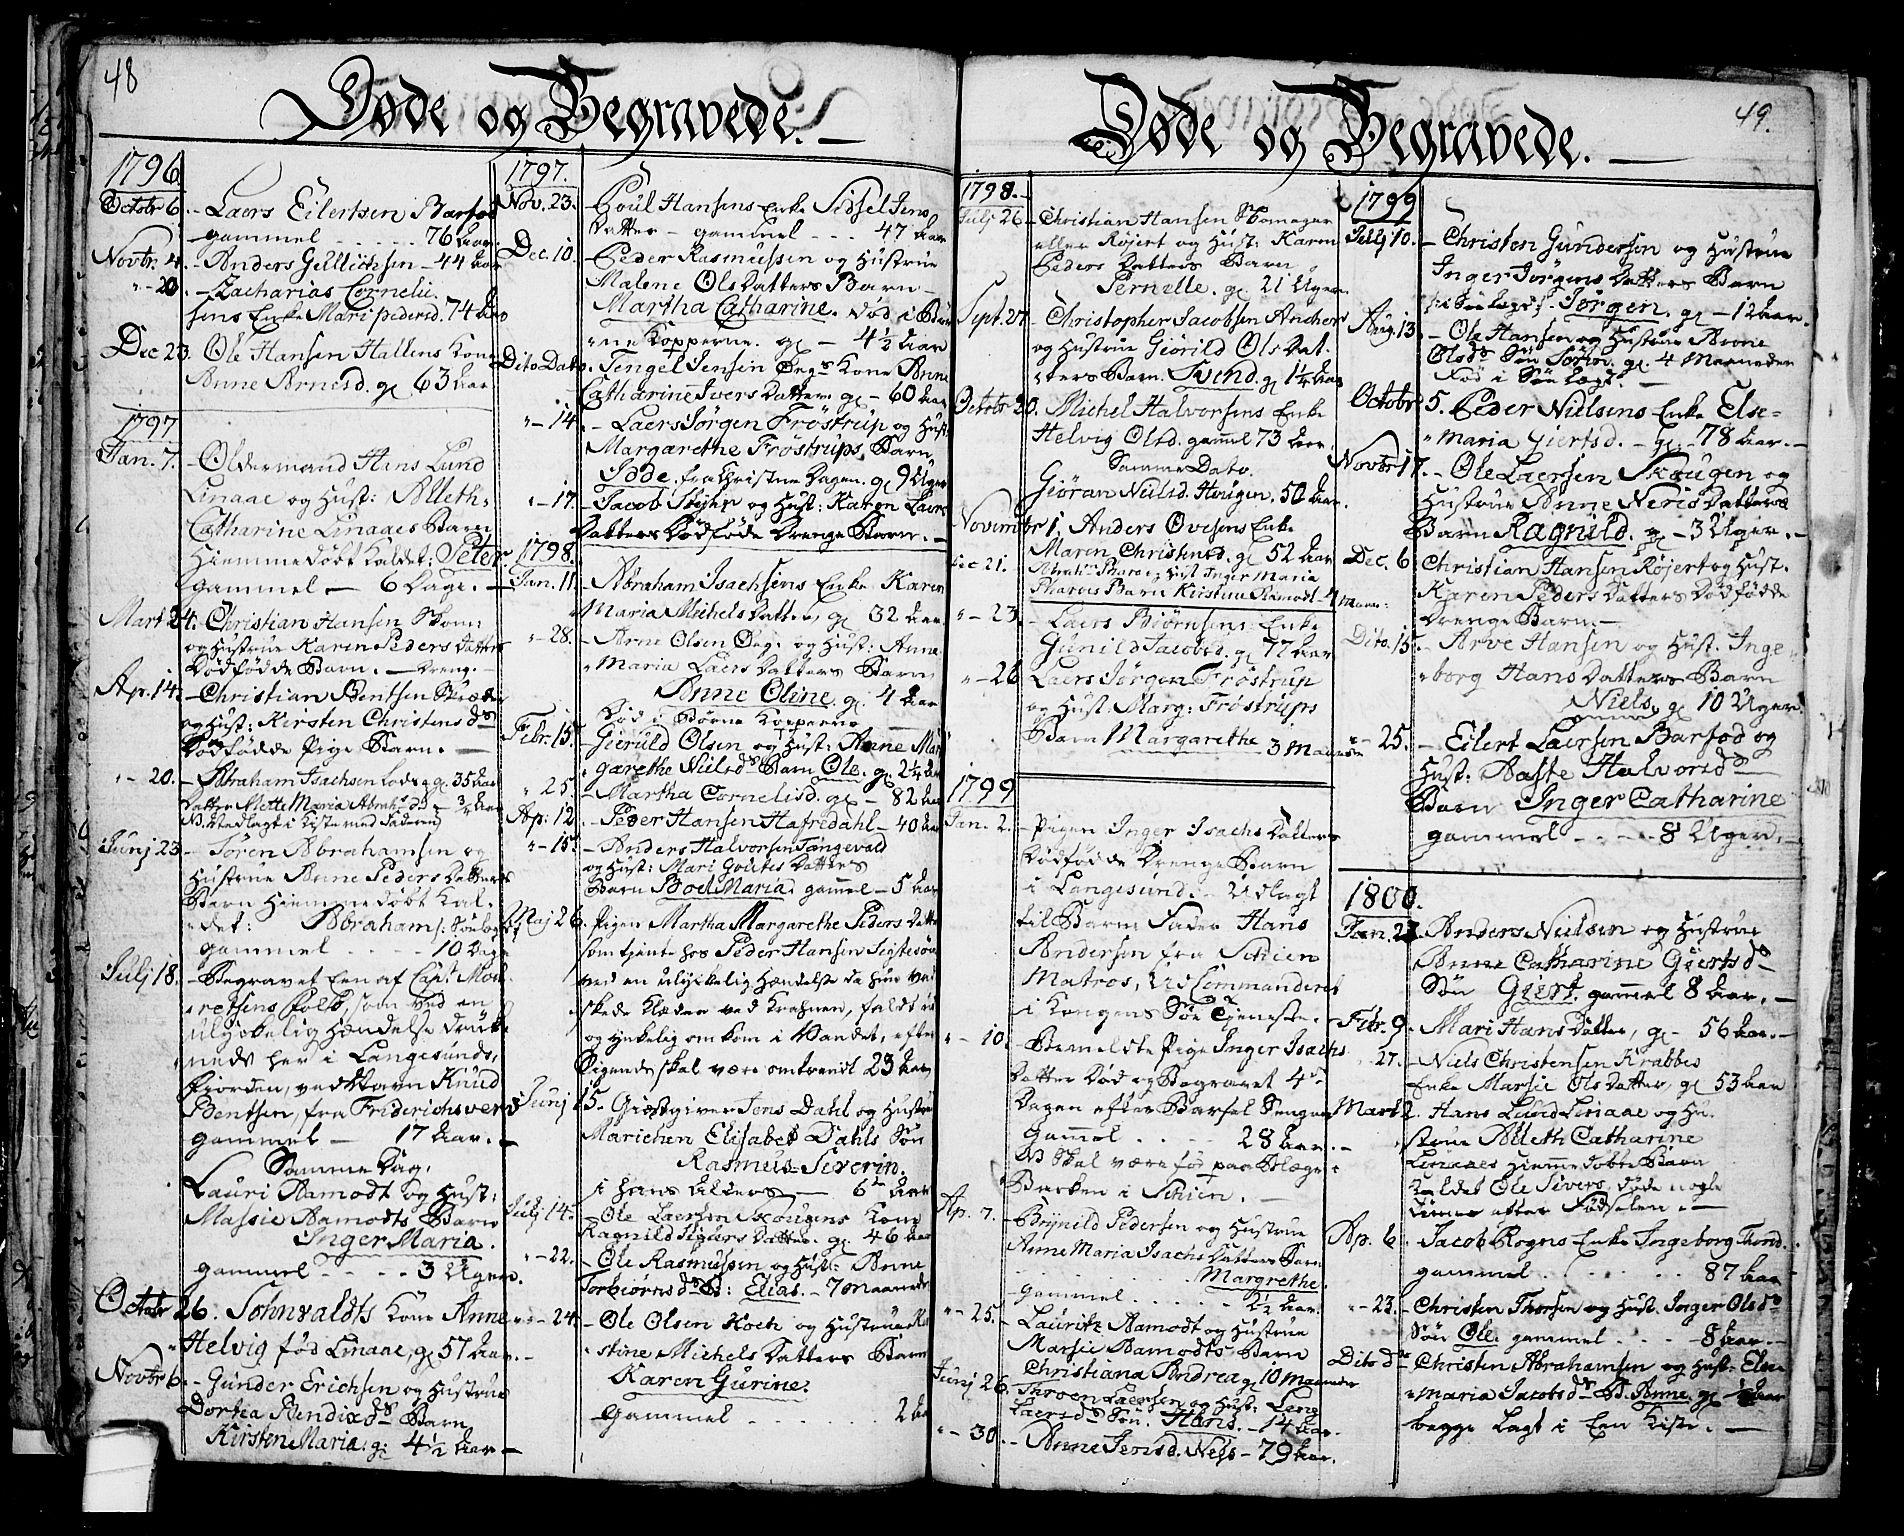 SAKO, Langesund kirkebøker, G/Ga/L0001: Klokkerbok nr. 1, 1783-1801, s. 48-49